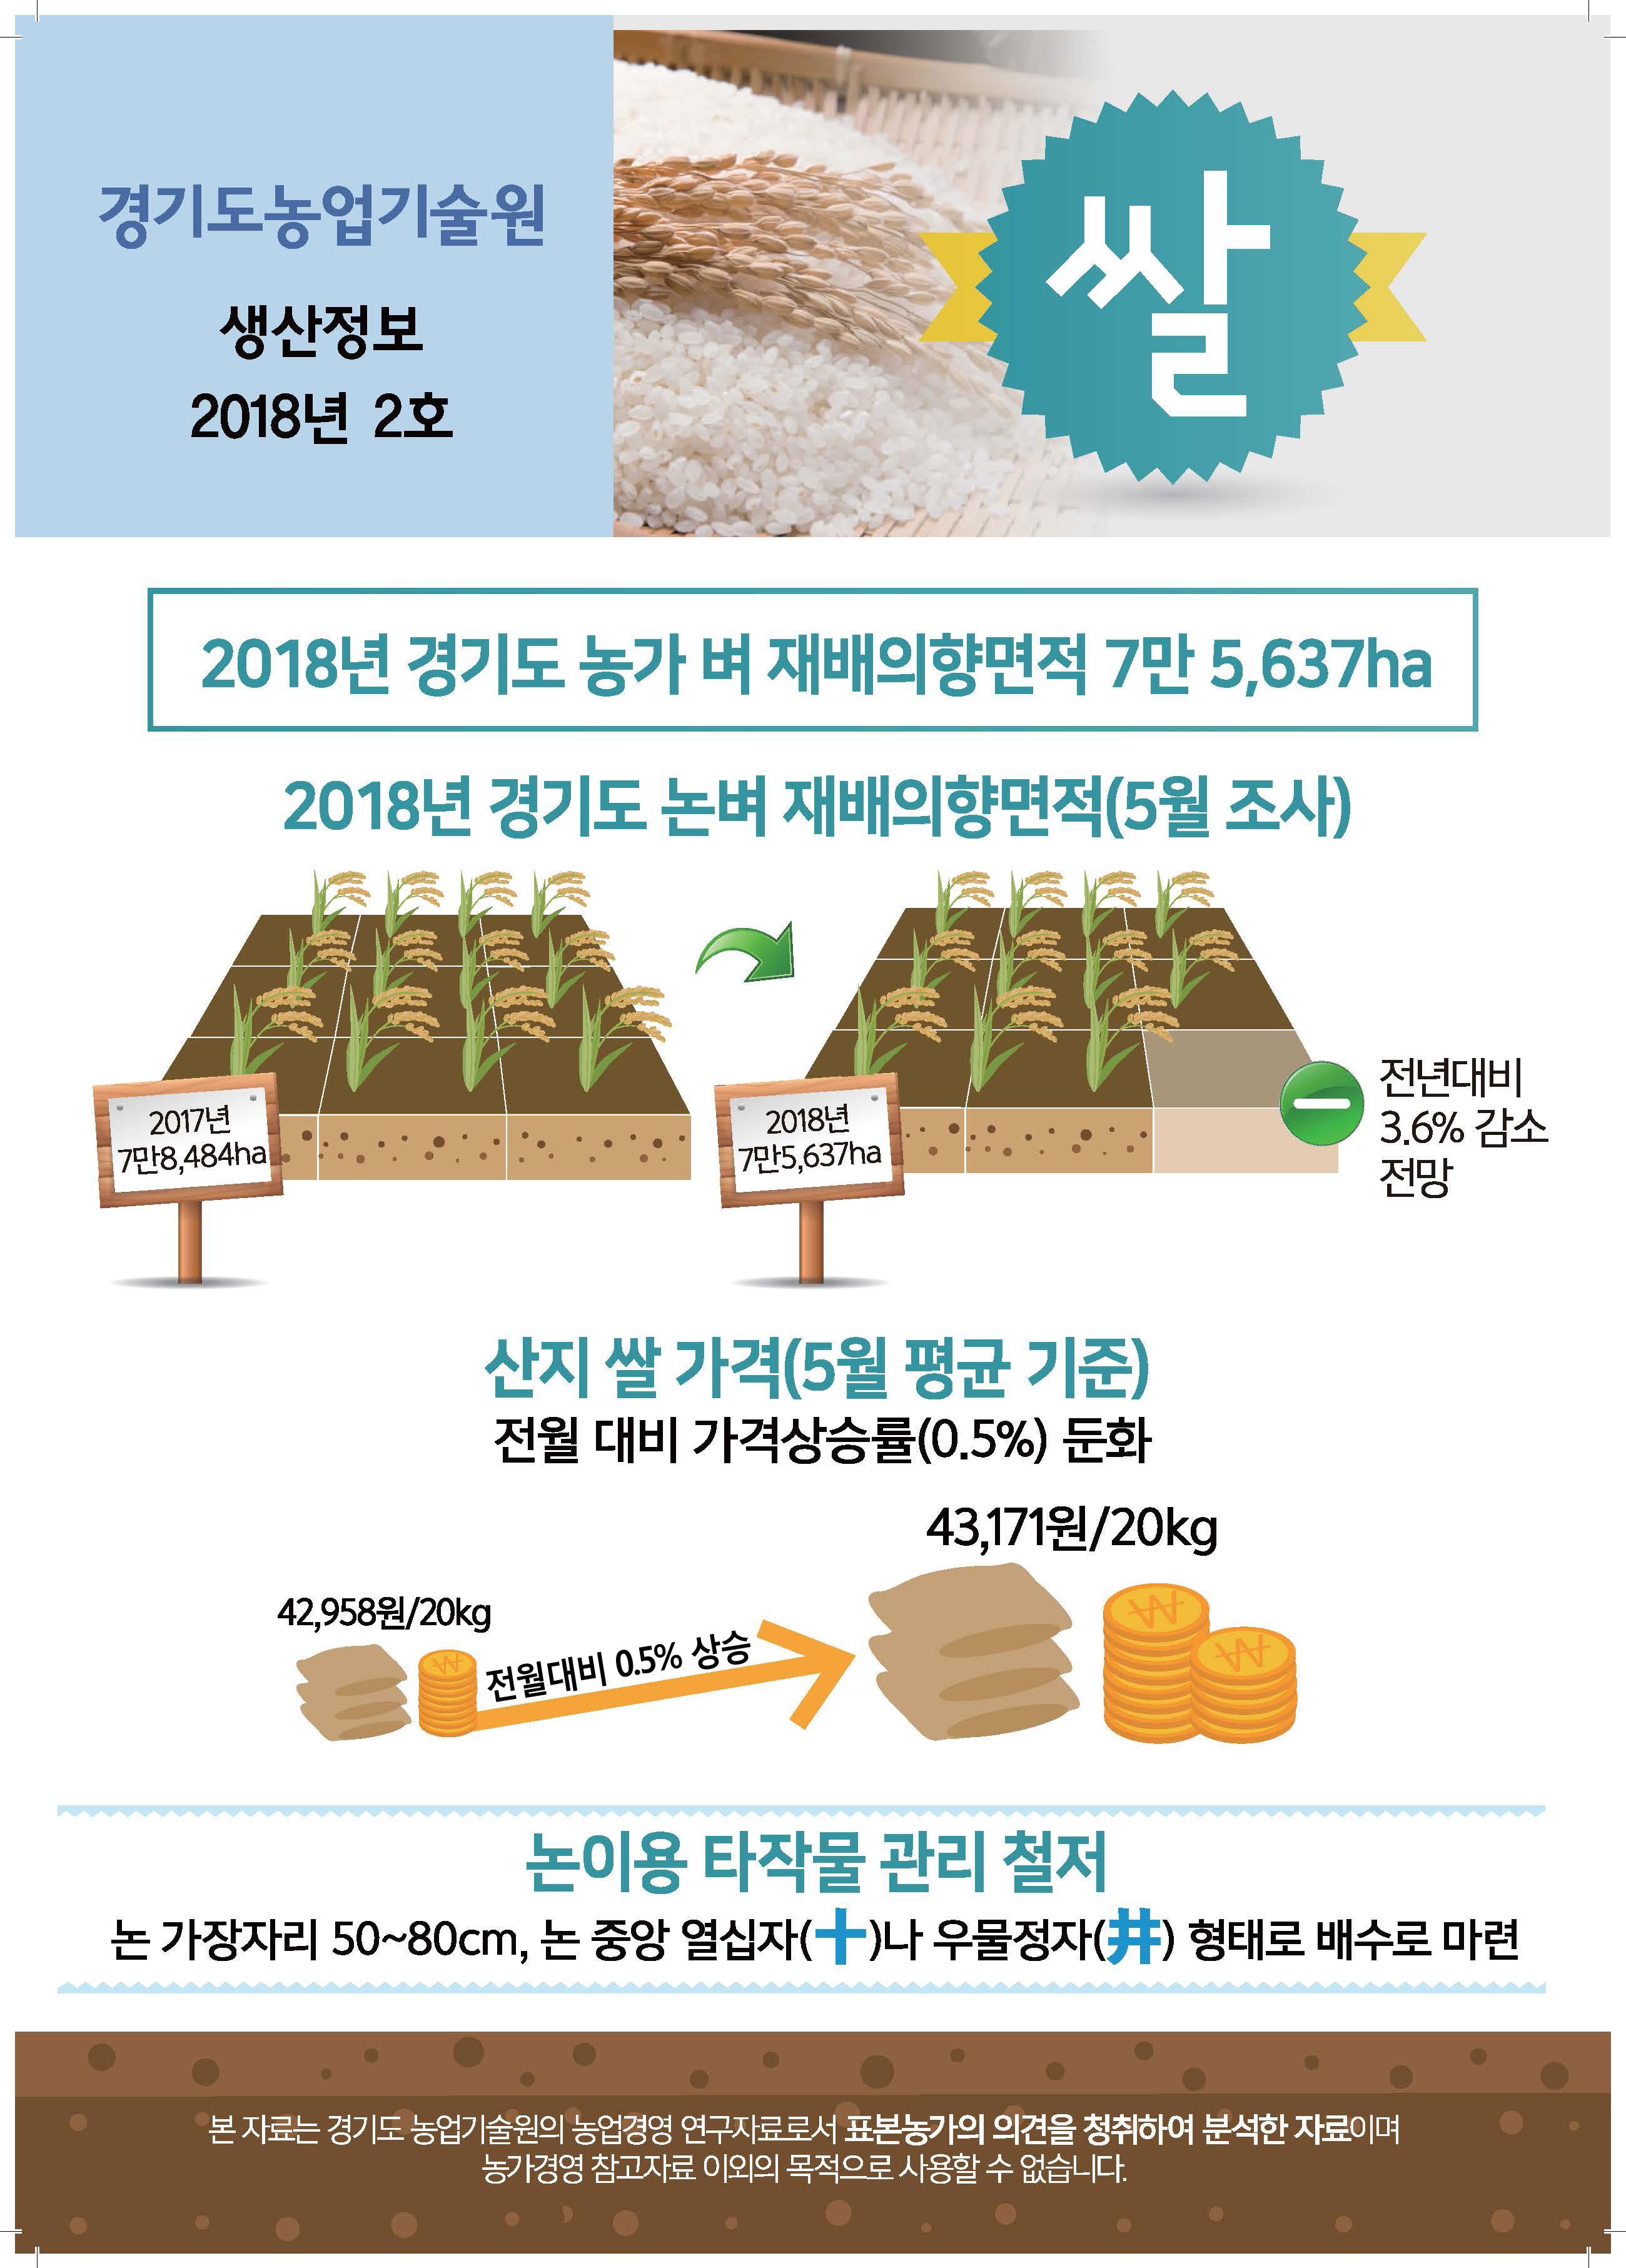 2018년도 경기쌀생산정보